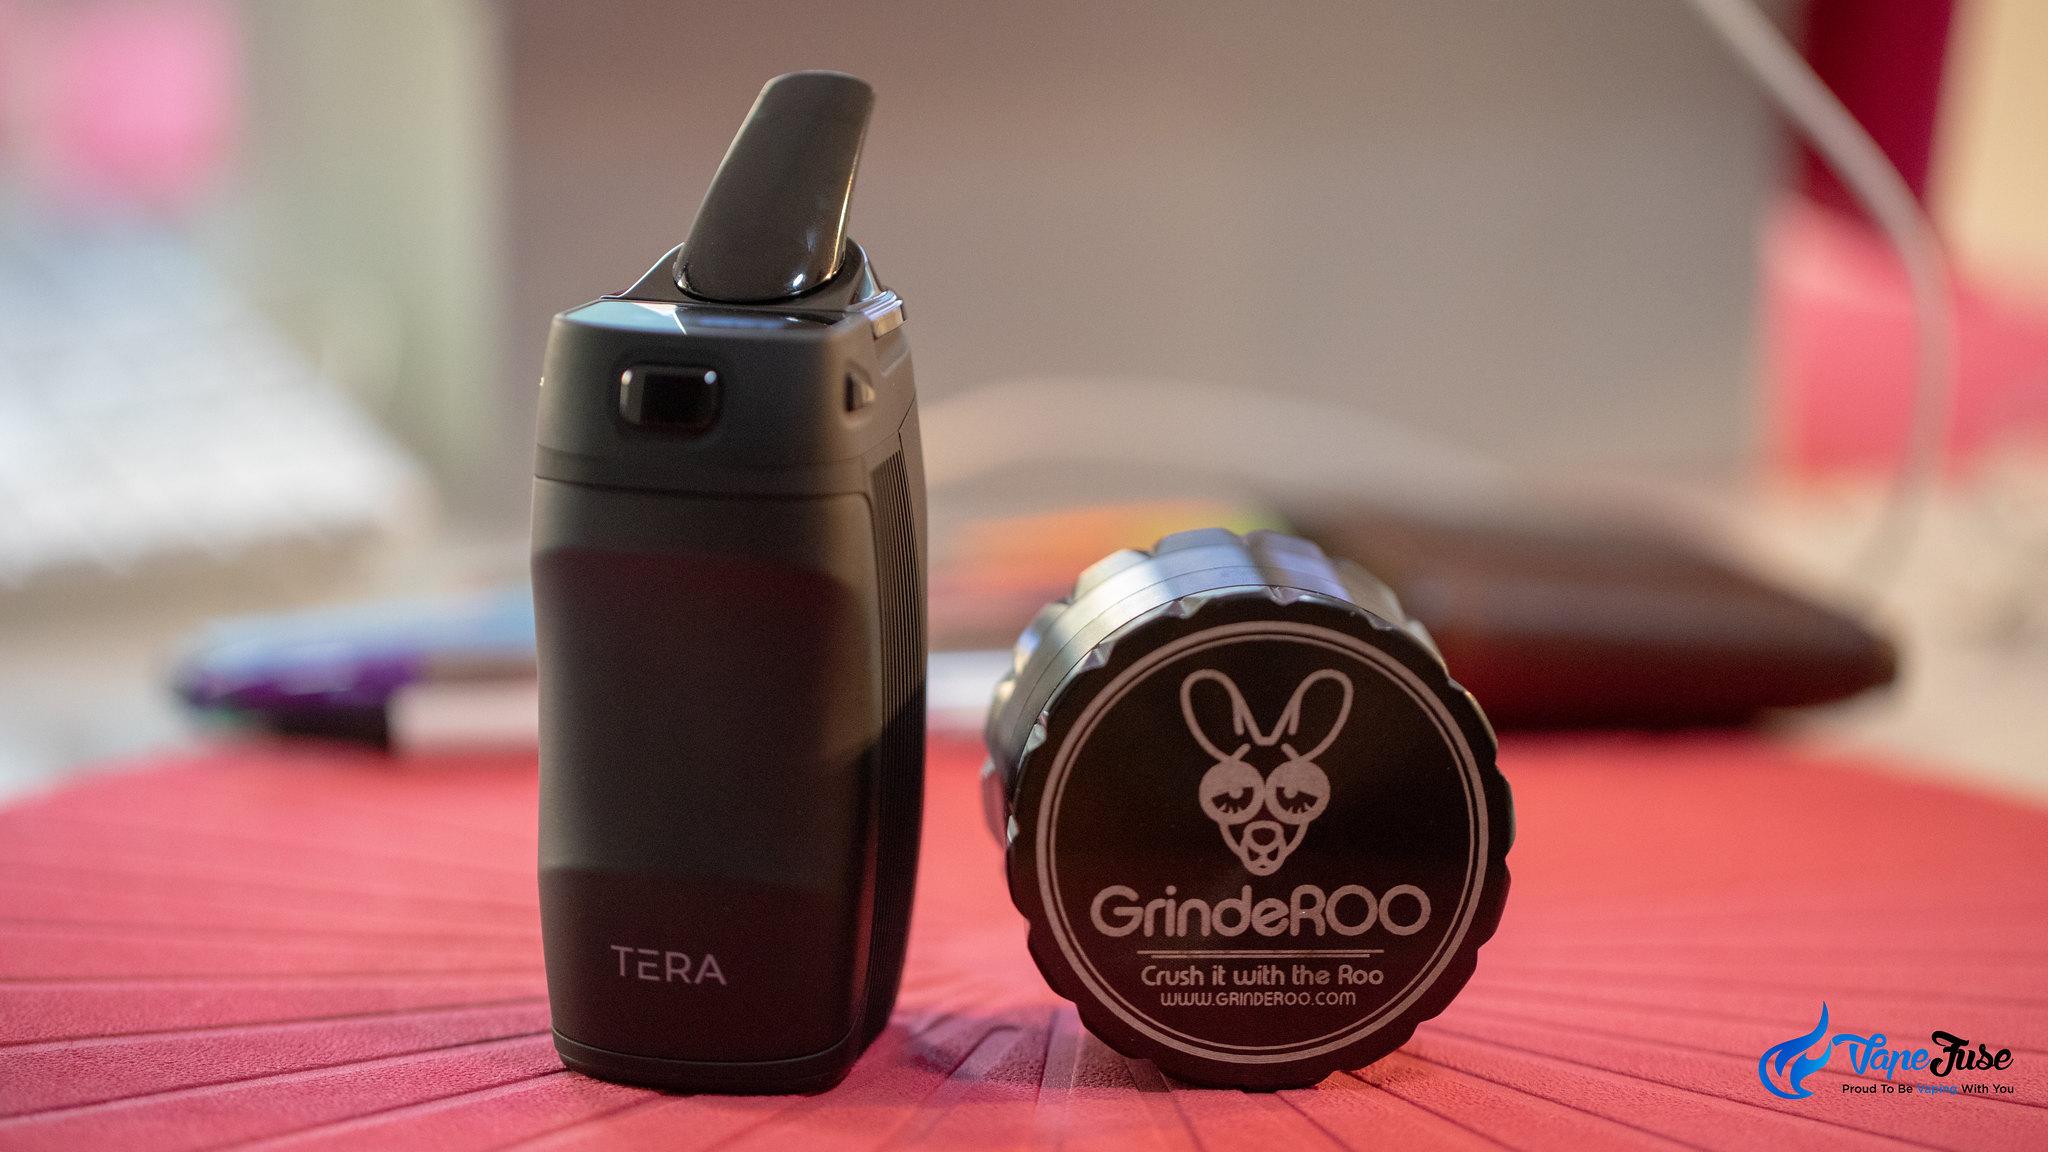 Boundless Tera Vaporizer with GrindeRoo